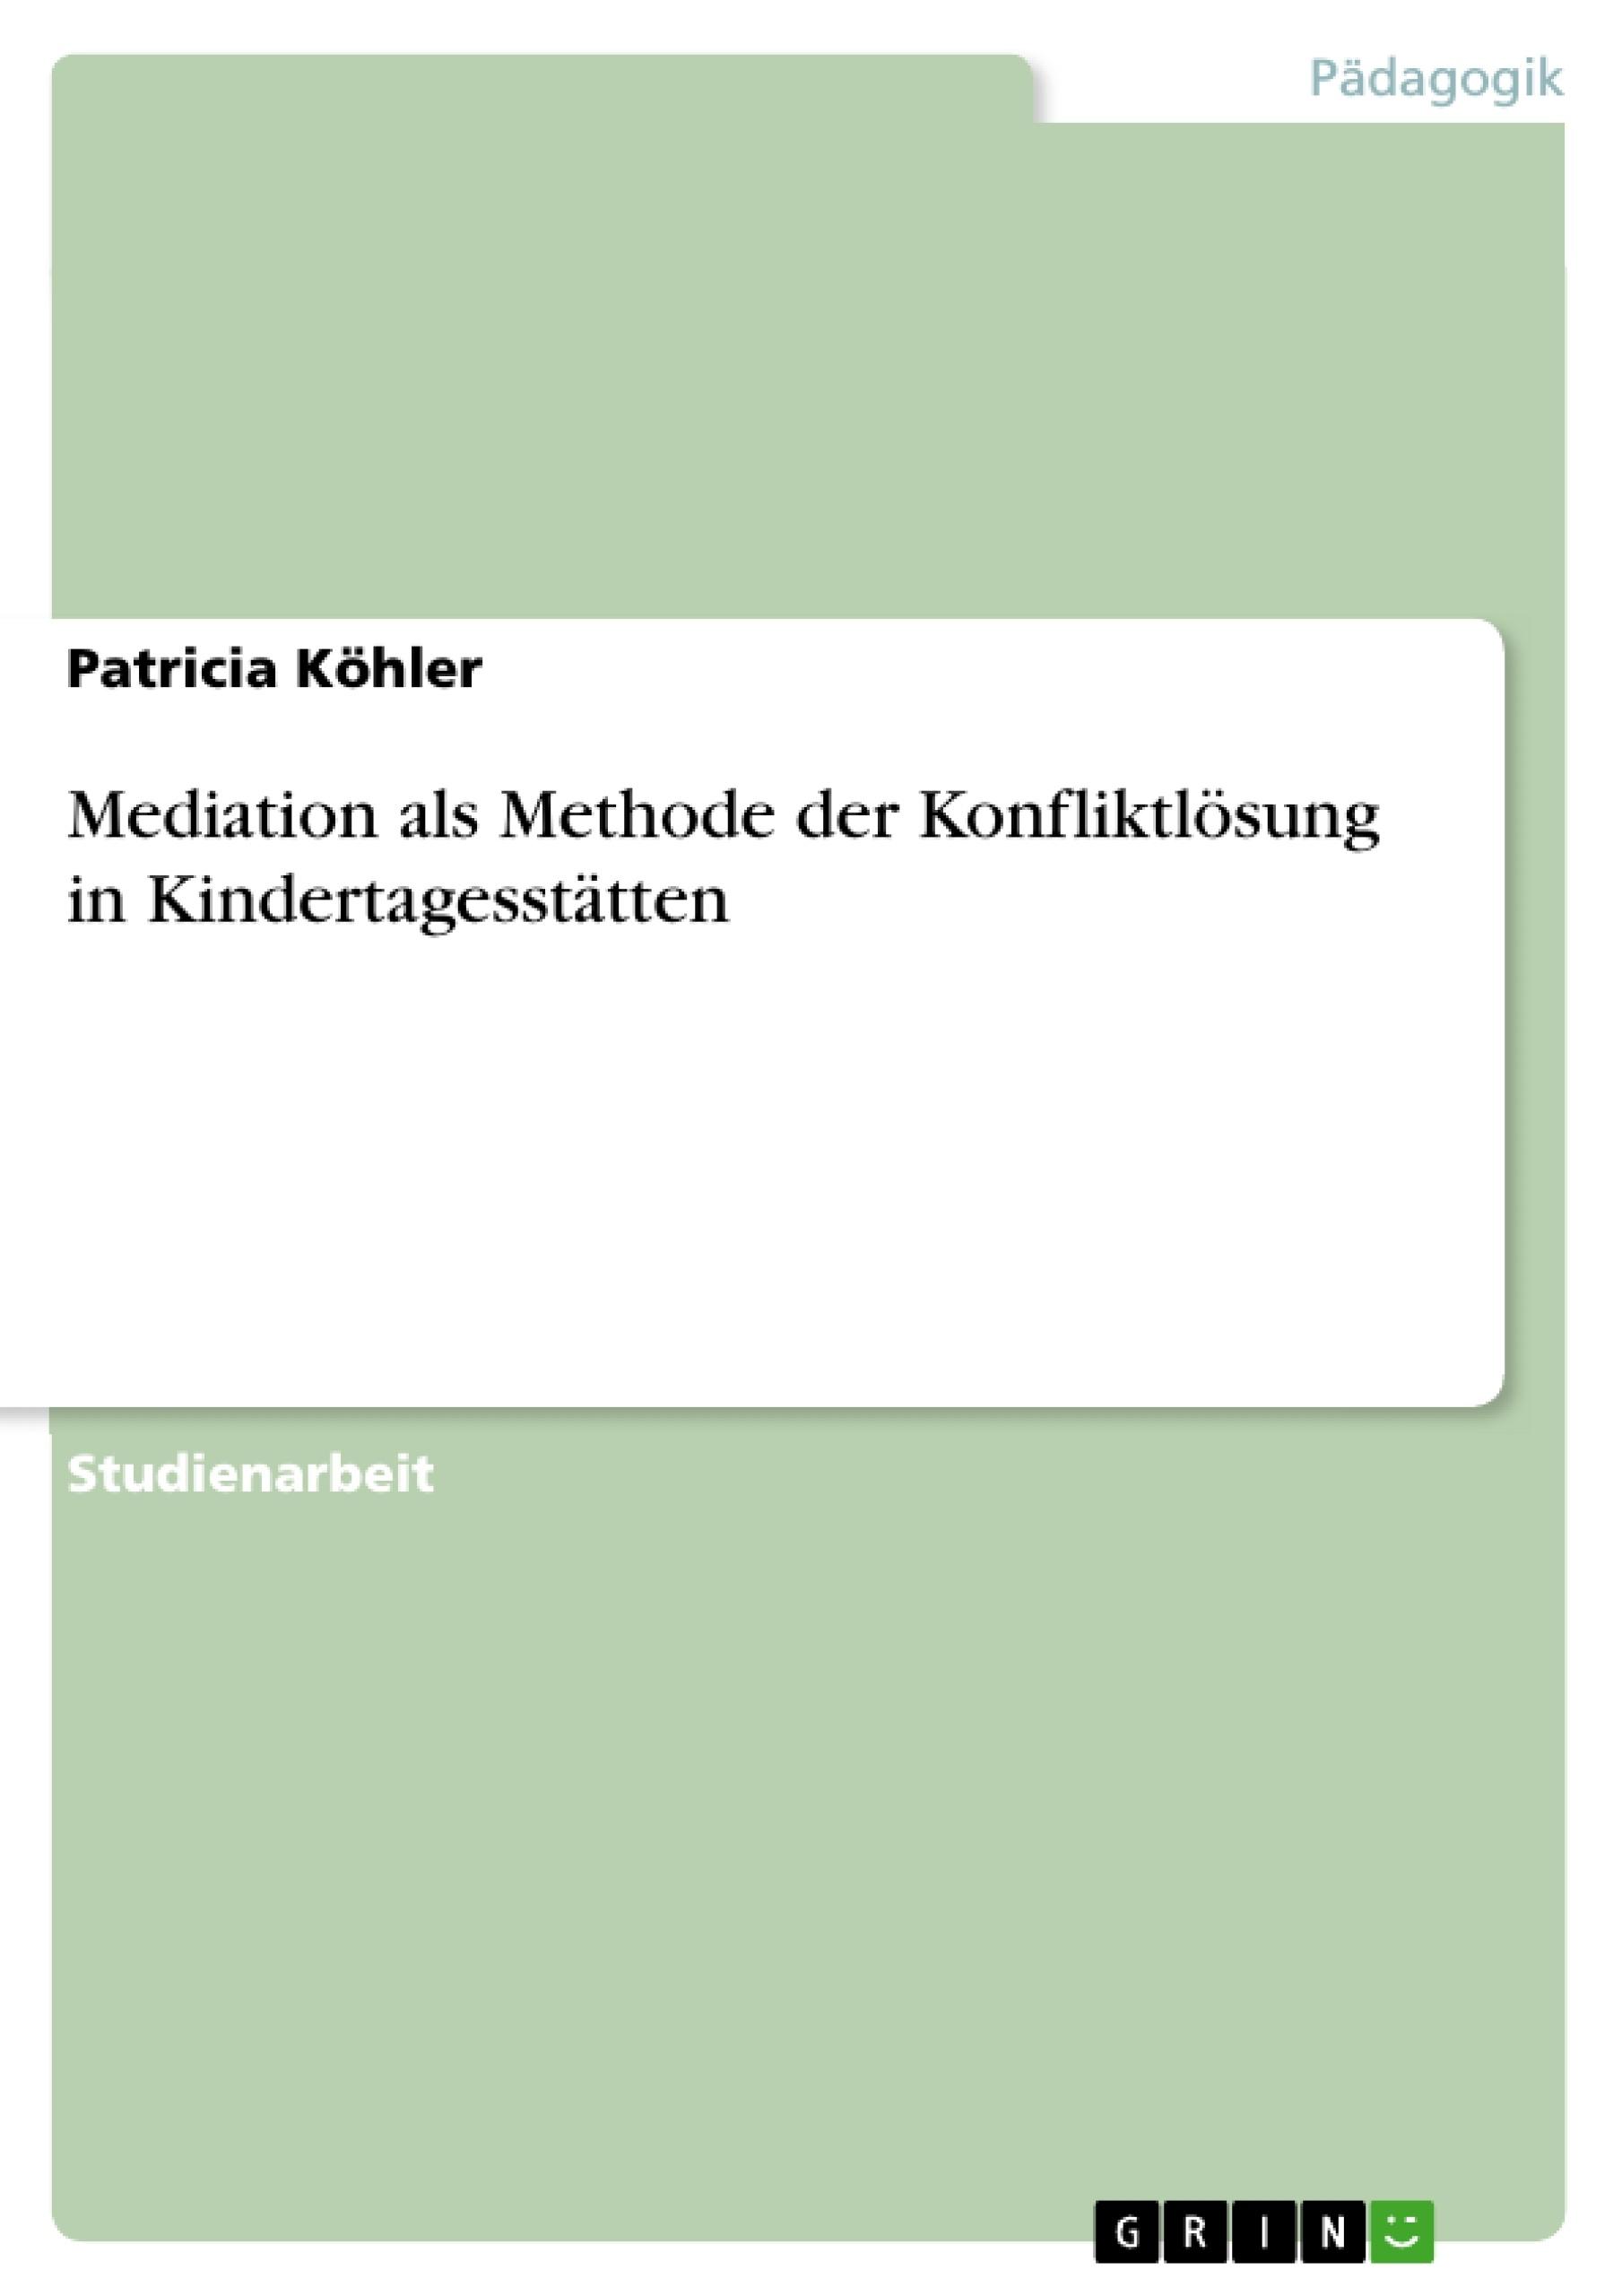 Titel: Mediation als Methode der Konfliktlösung in Kindertagesstätten